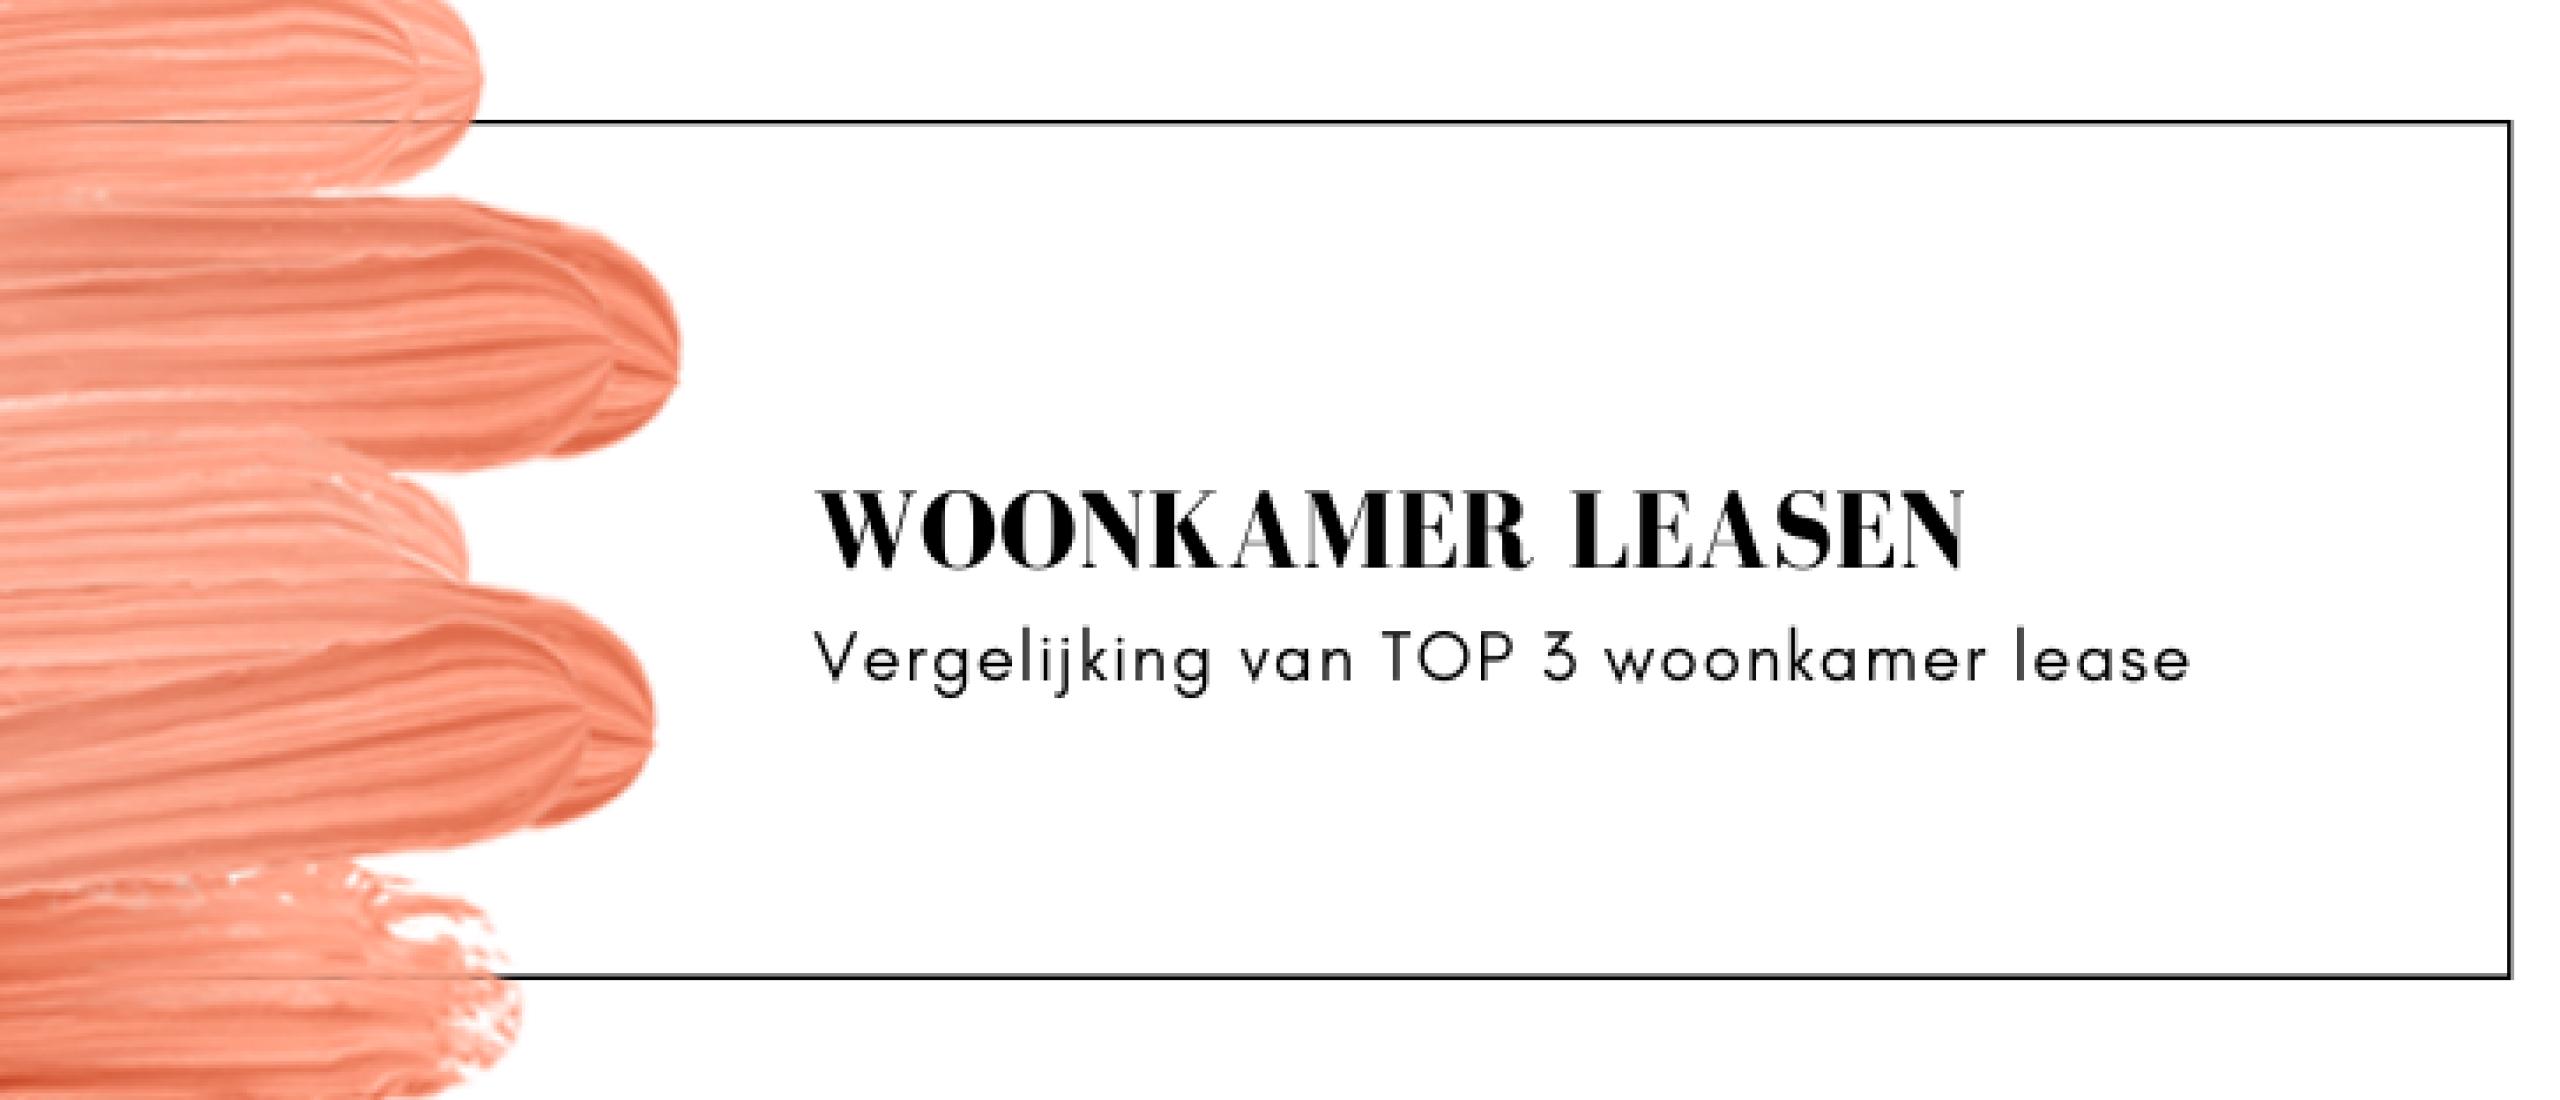 Woonkamer leasen: vergelijken meubel lease in woonkamer